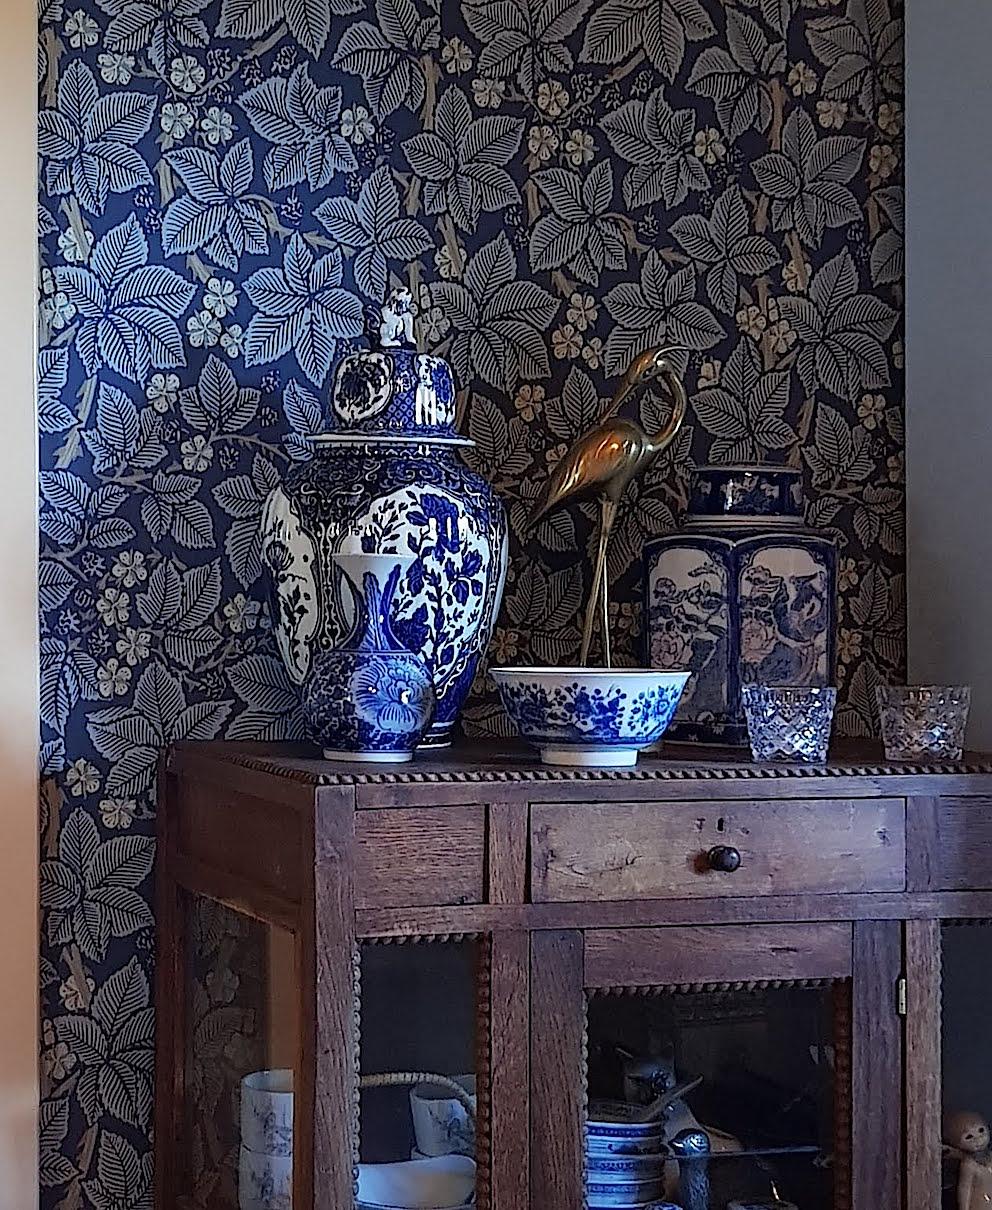 Binnenkijken bij Marilu: Eclectisch en kleurrijk | ENJOY! The Good Life